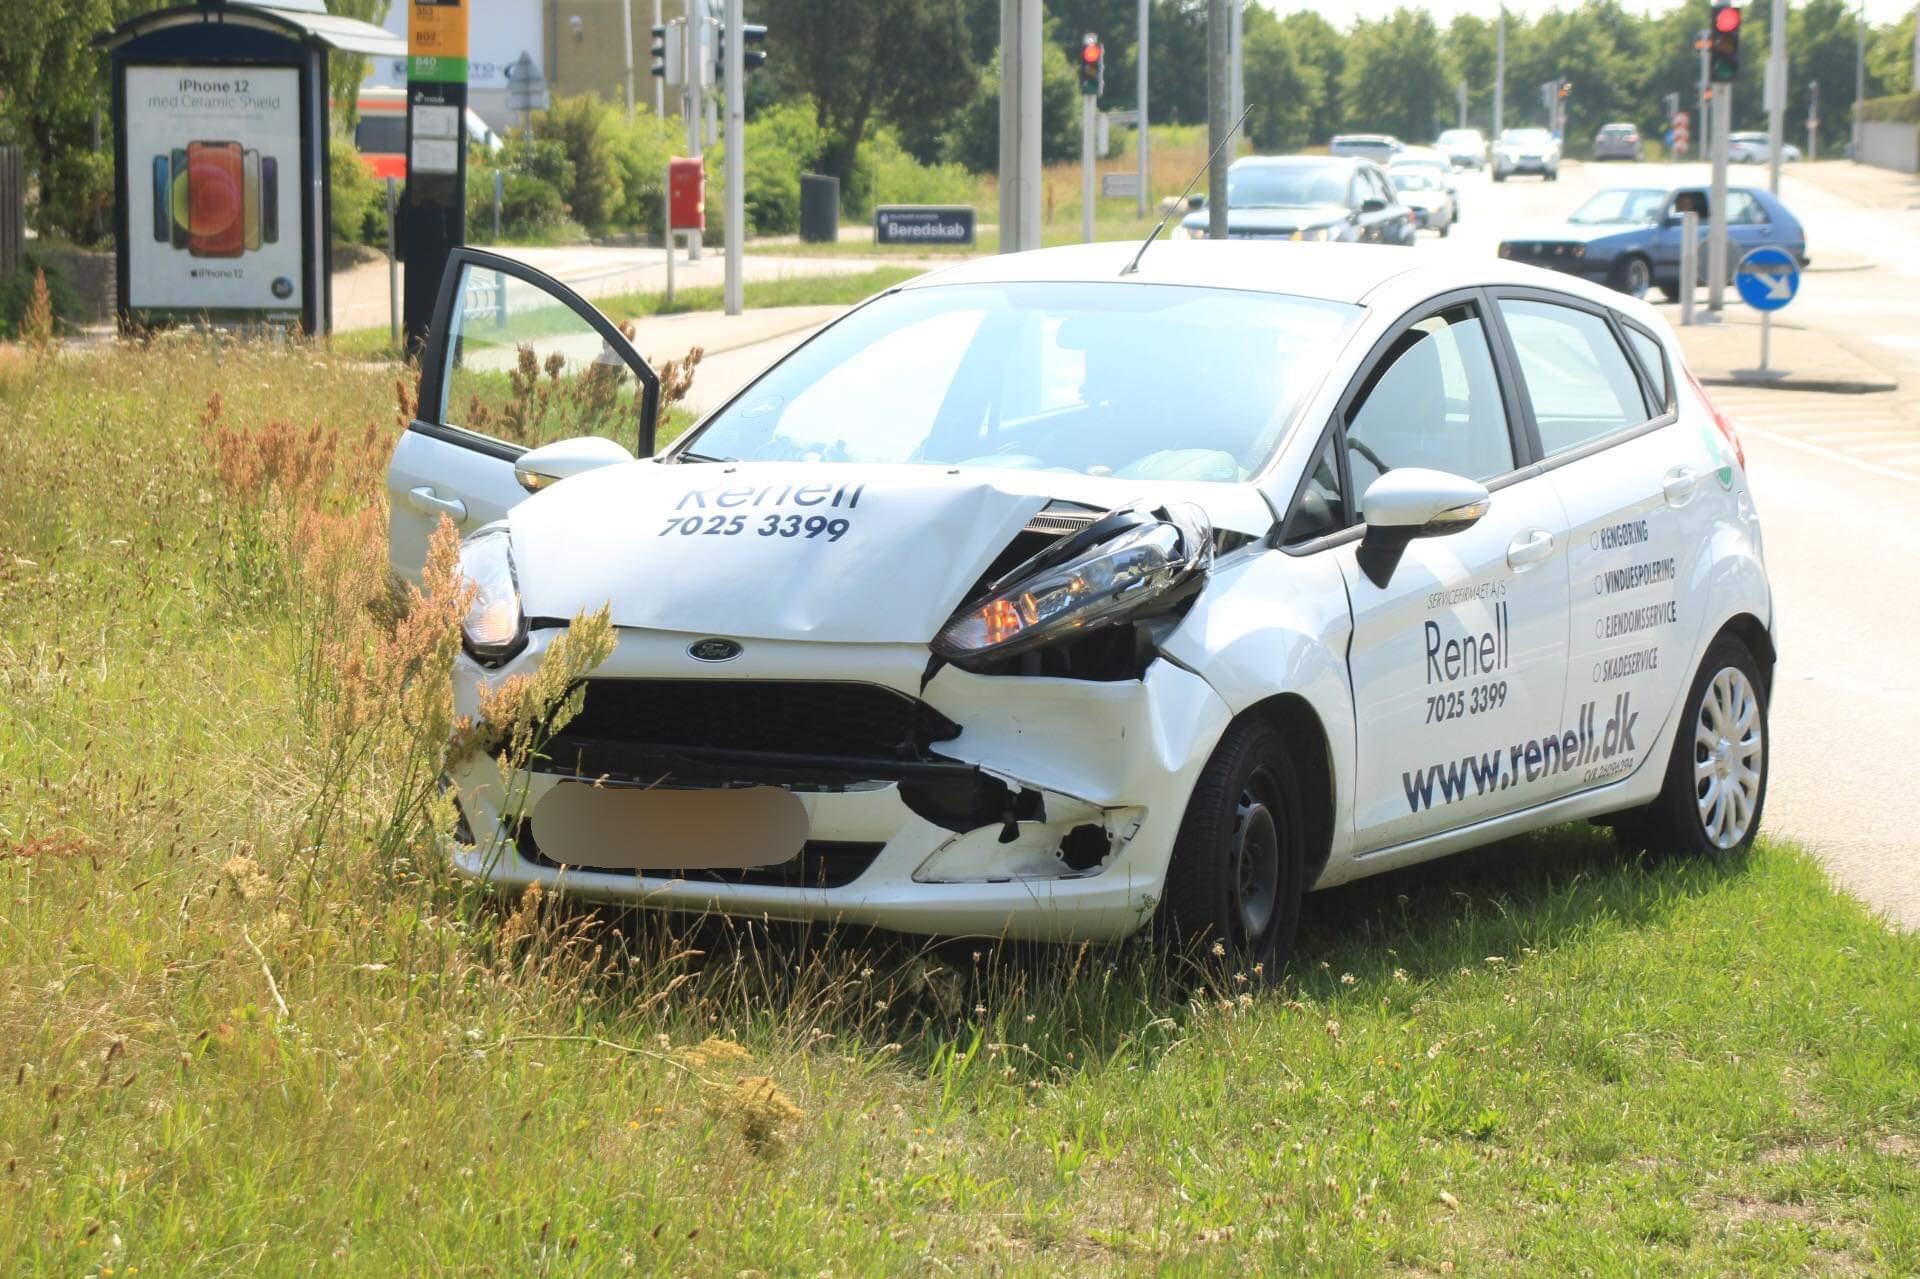 Mindre færdselsuheld i Helsingør - 2 biler kørt sammen